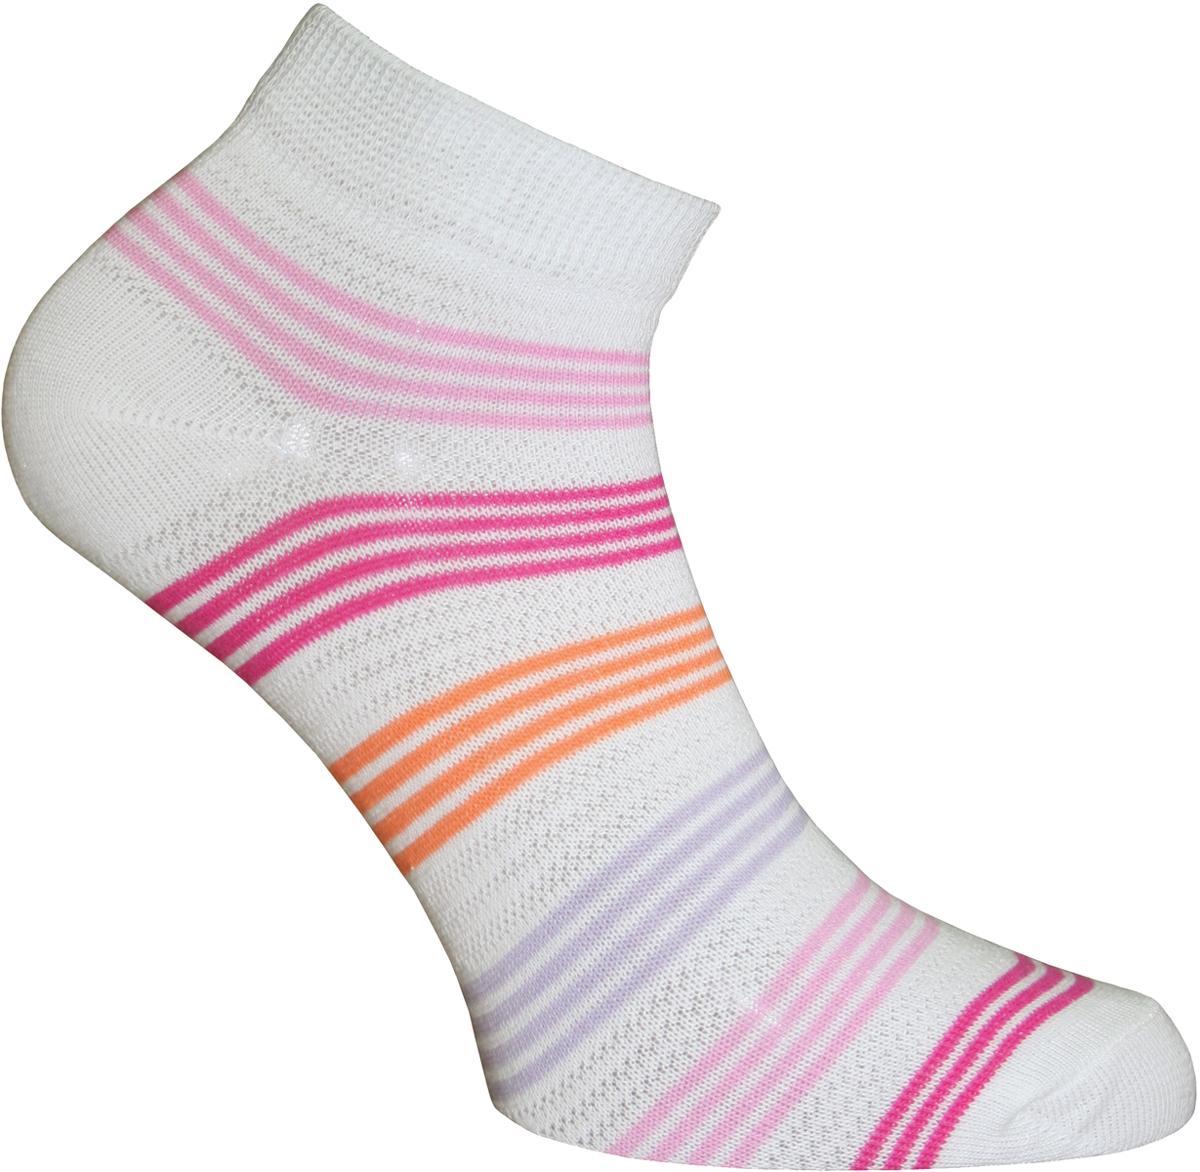 Носки женские Master Socks, цвет: белый. 55151. Размер 2355151Удобные носки Master Socks, изготовленные из высококачественного комбинированного материала с хлопковой основой, очень мягкие и приятные на ощупь, позволяют коже дышать.Эластичная резинка плотно облегает ногу, не сдавливая ее, обеспечивая комфорт и удобство. Носки с укороченным паголенком оформлены принтом в полоску. Практичные и комфортные носки великолепно подойдут к любой вашей обуви.